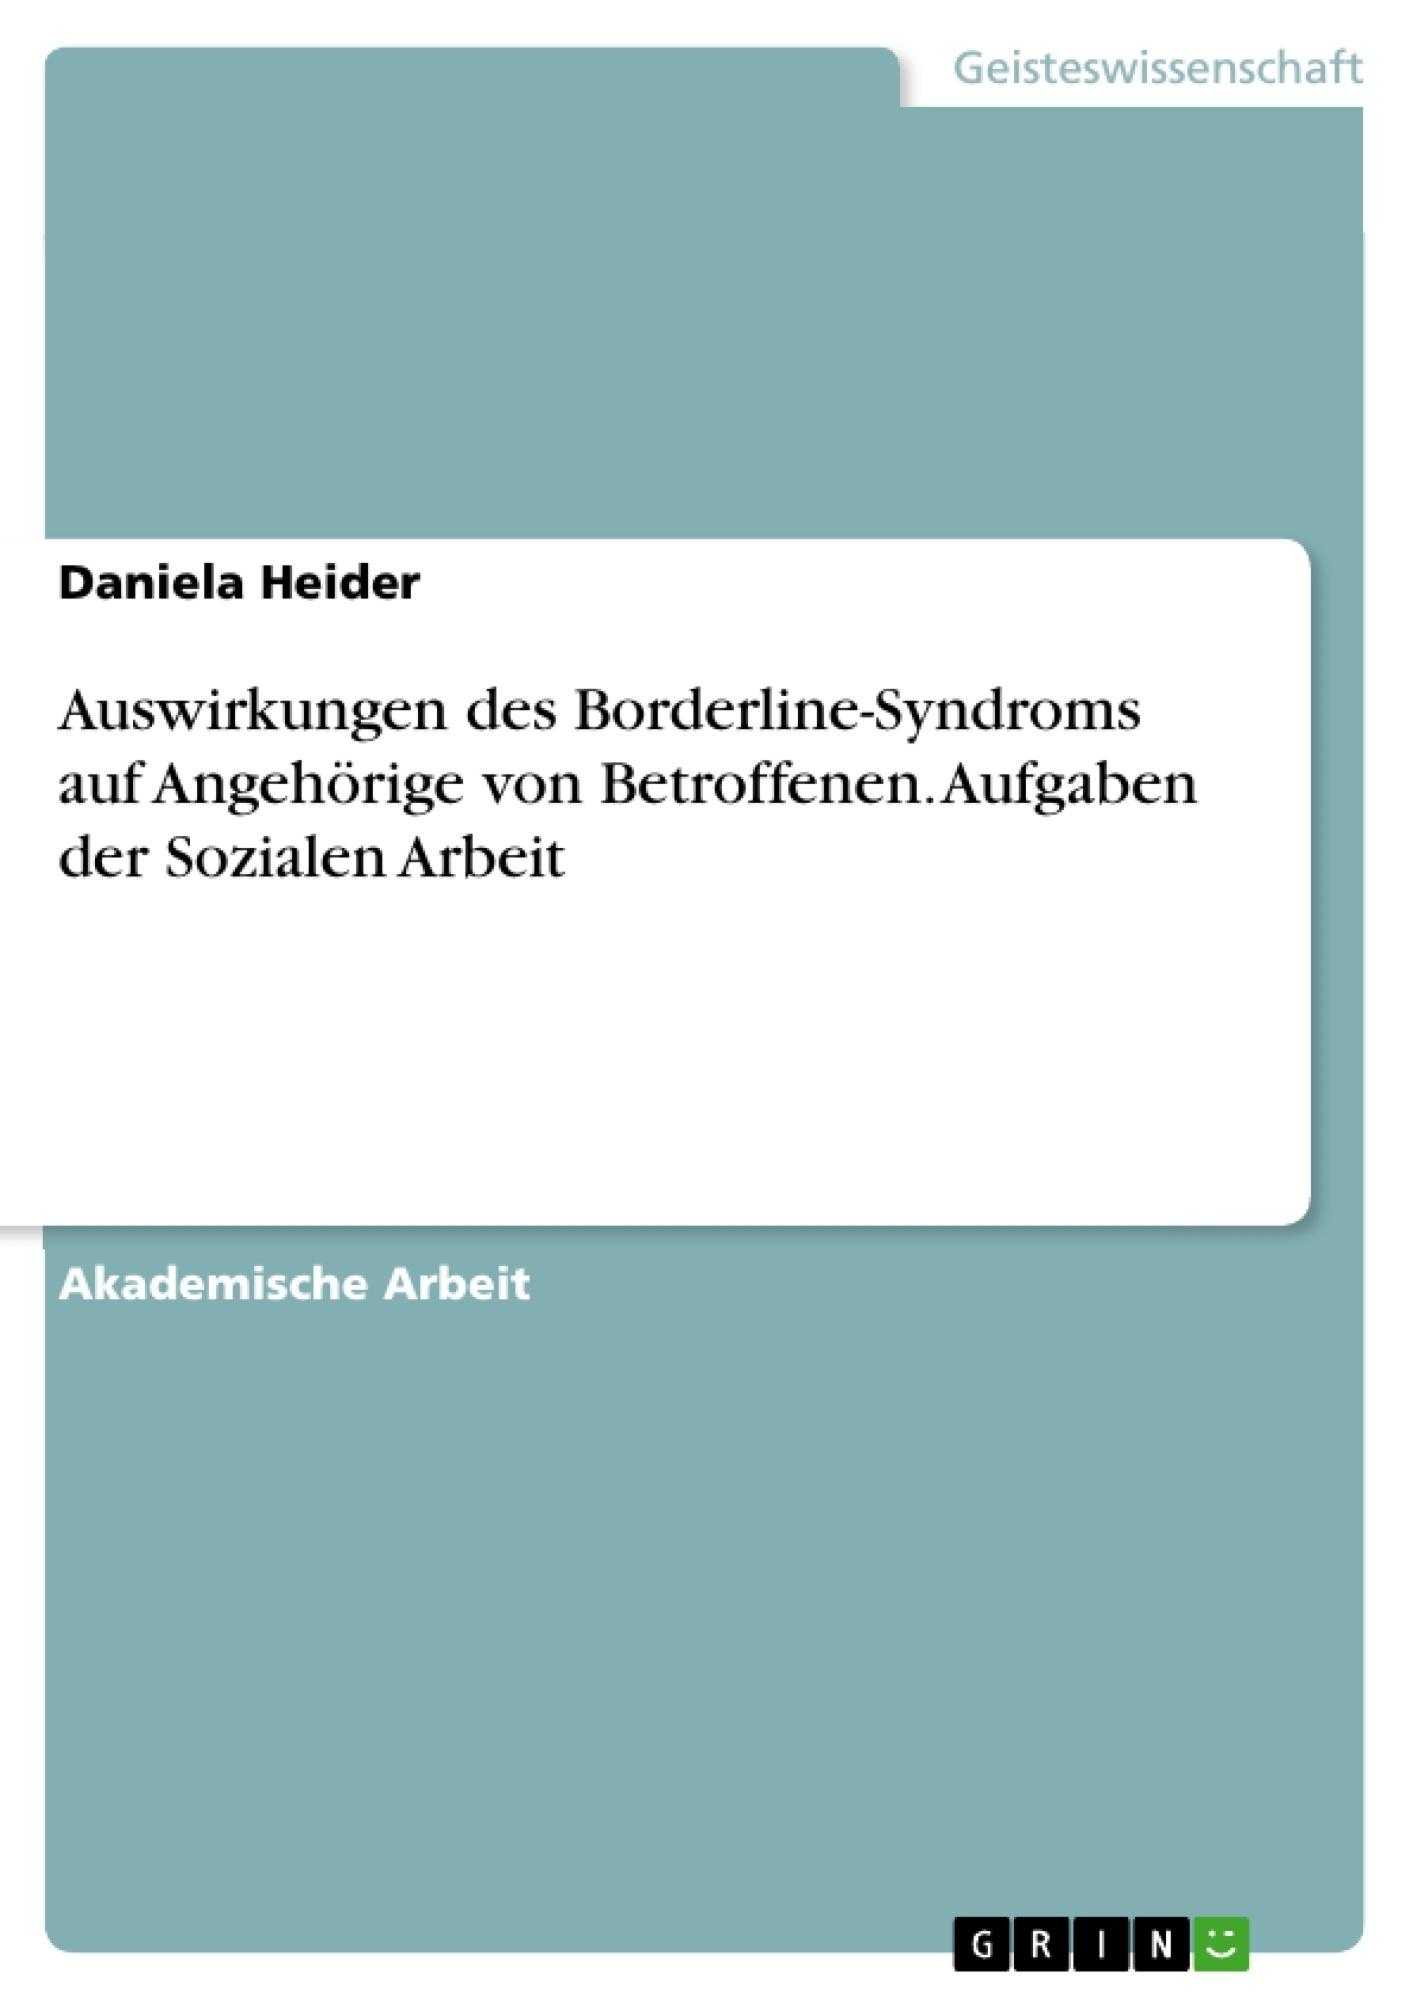 Titel: Auswirkungen des Borderline-Syndroms auf Angehörige von Betroffenen. Aufgaben der Sozialen Arbeit